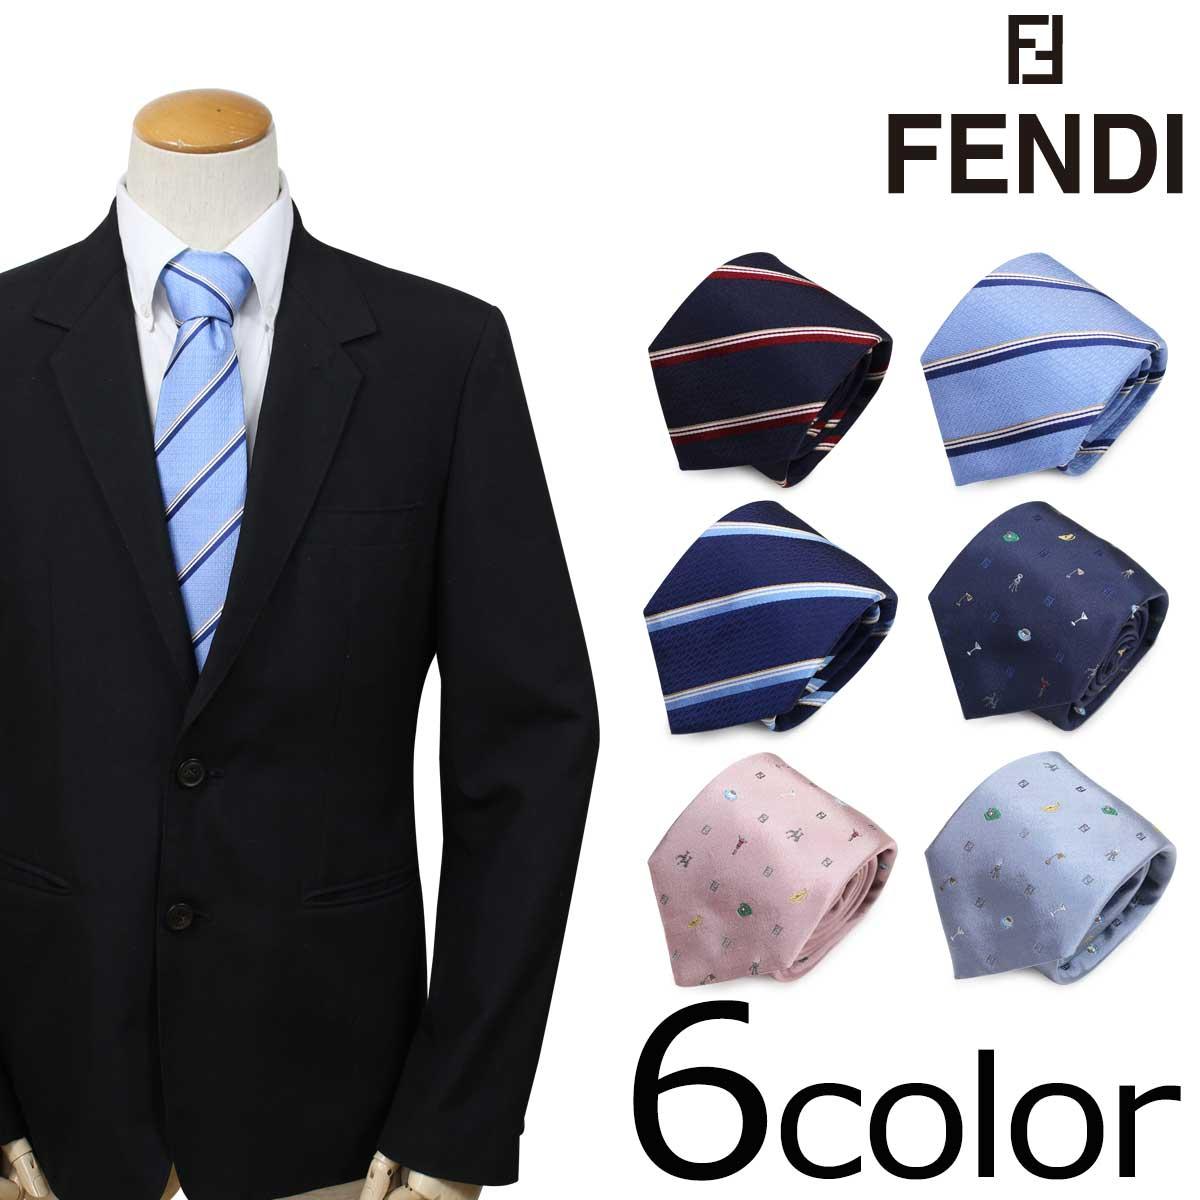 FENDI フェンディ ネクタイ シルク イタリア製 ビジネス 結婚式 メンズ